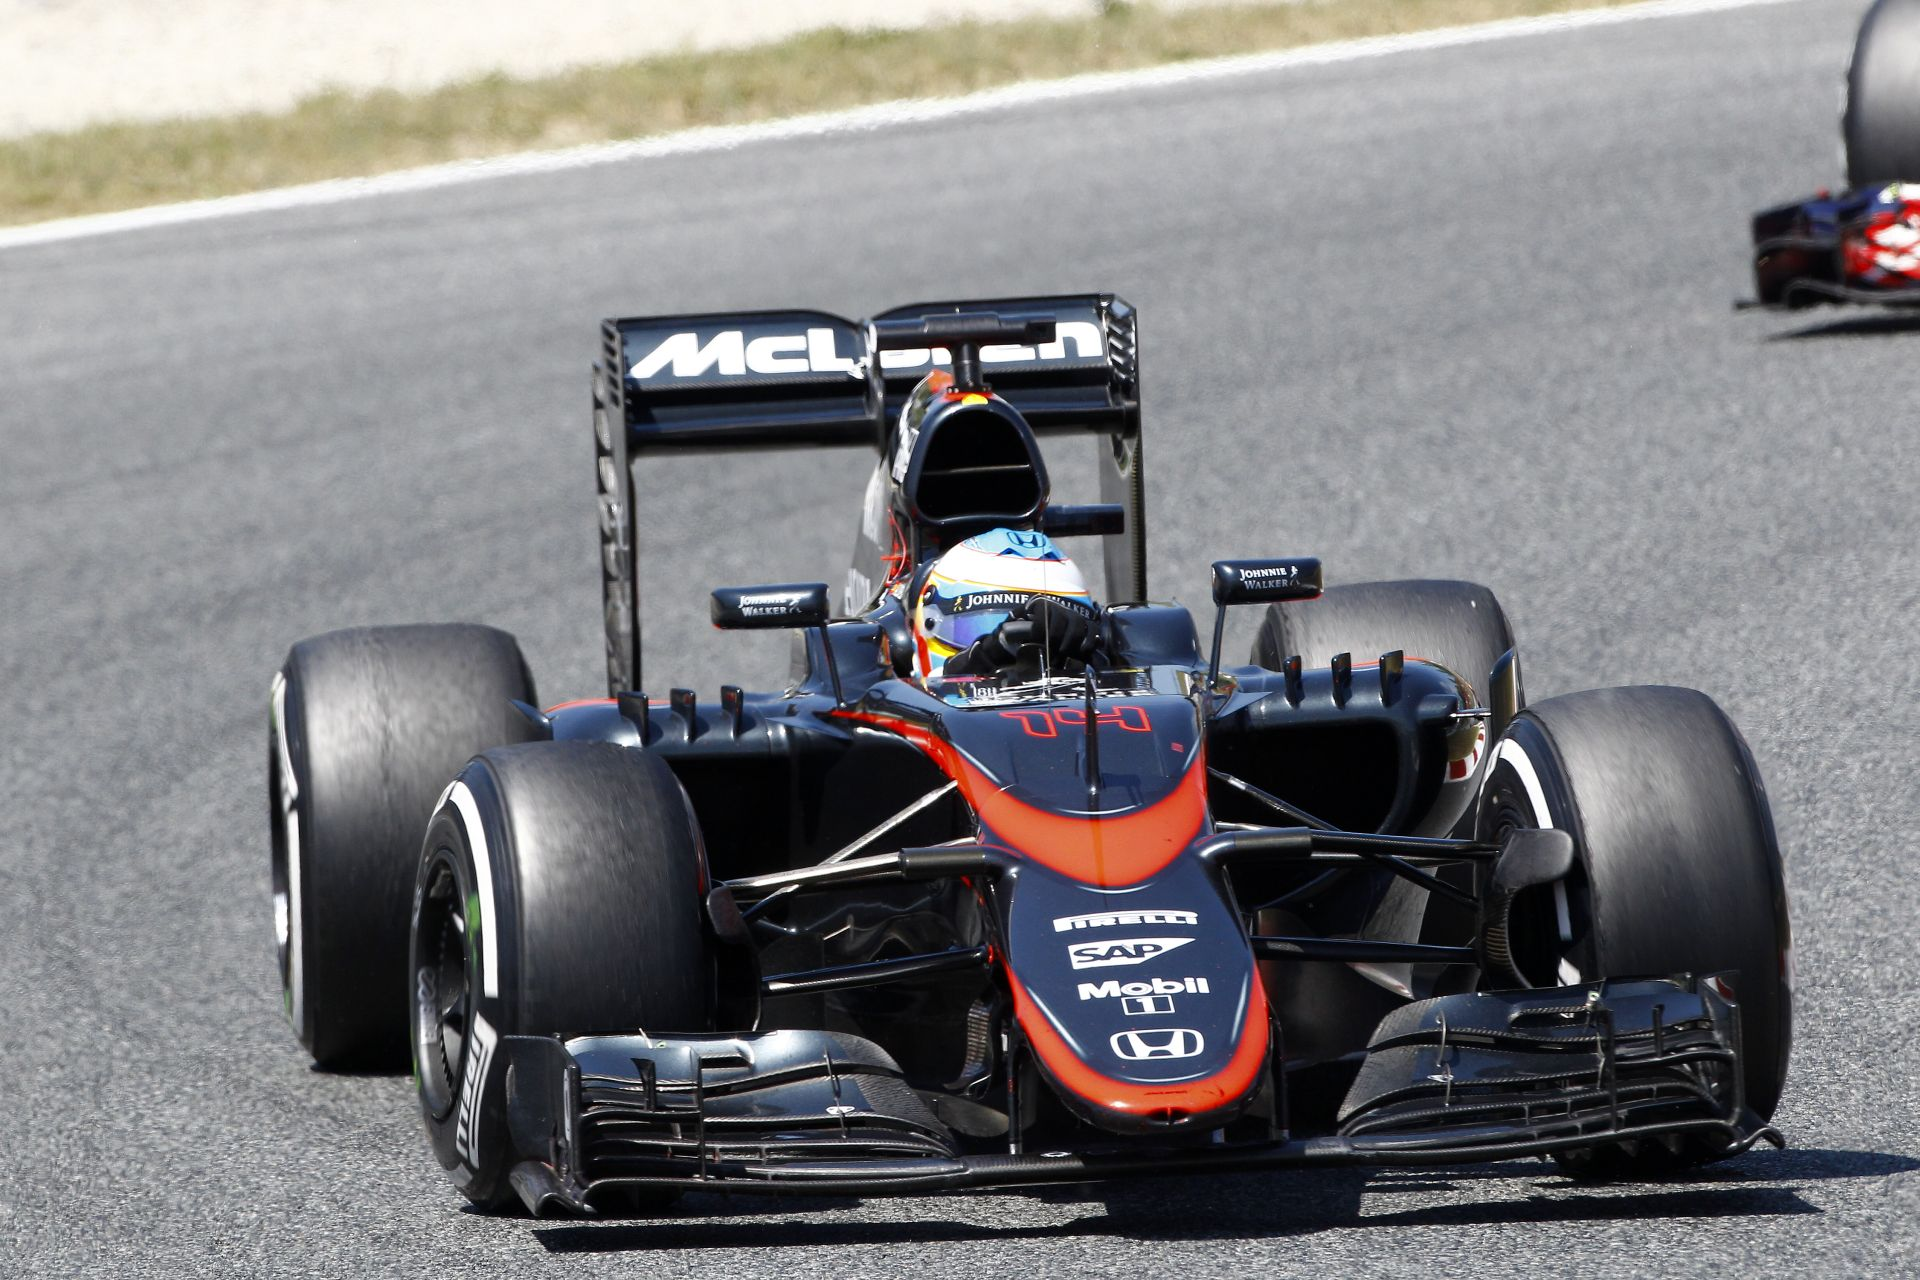 Már csak 4 hét és pályára gurulnak a 2016-os F1-es gépek